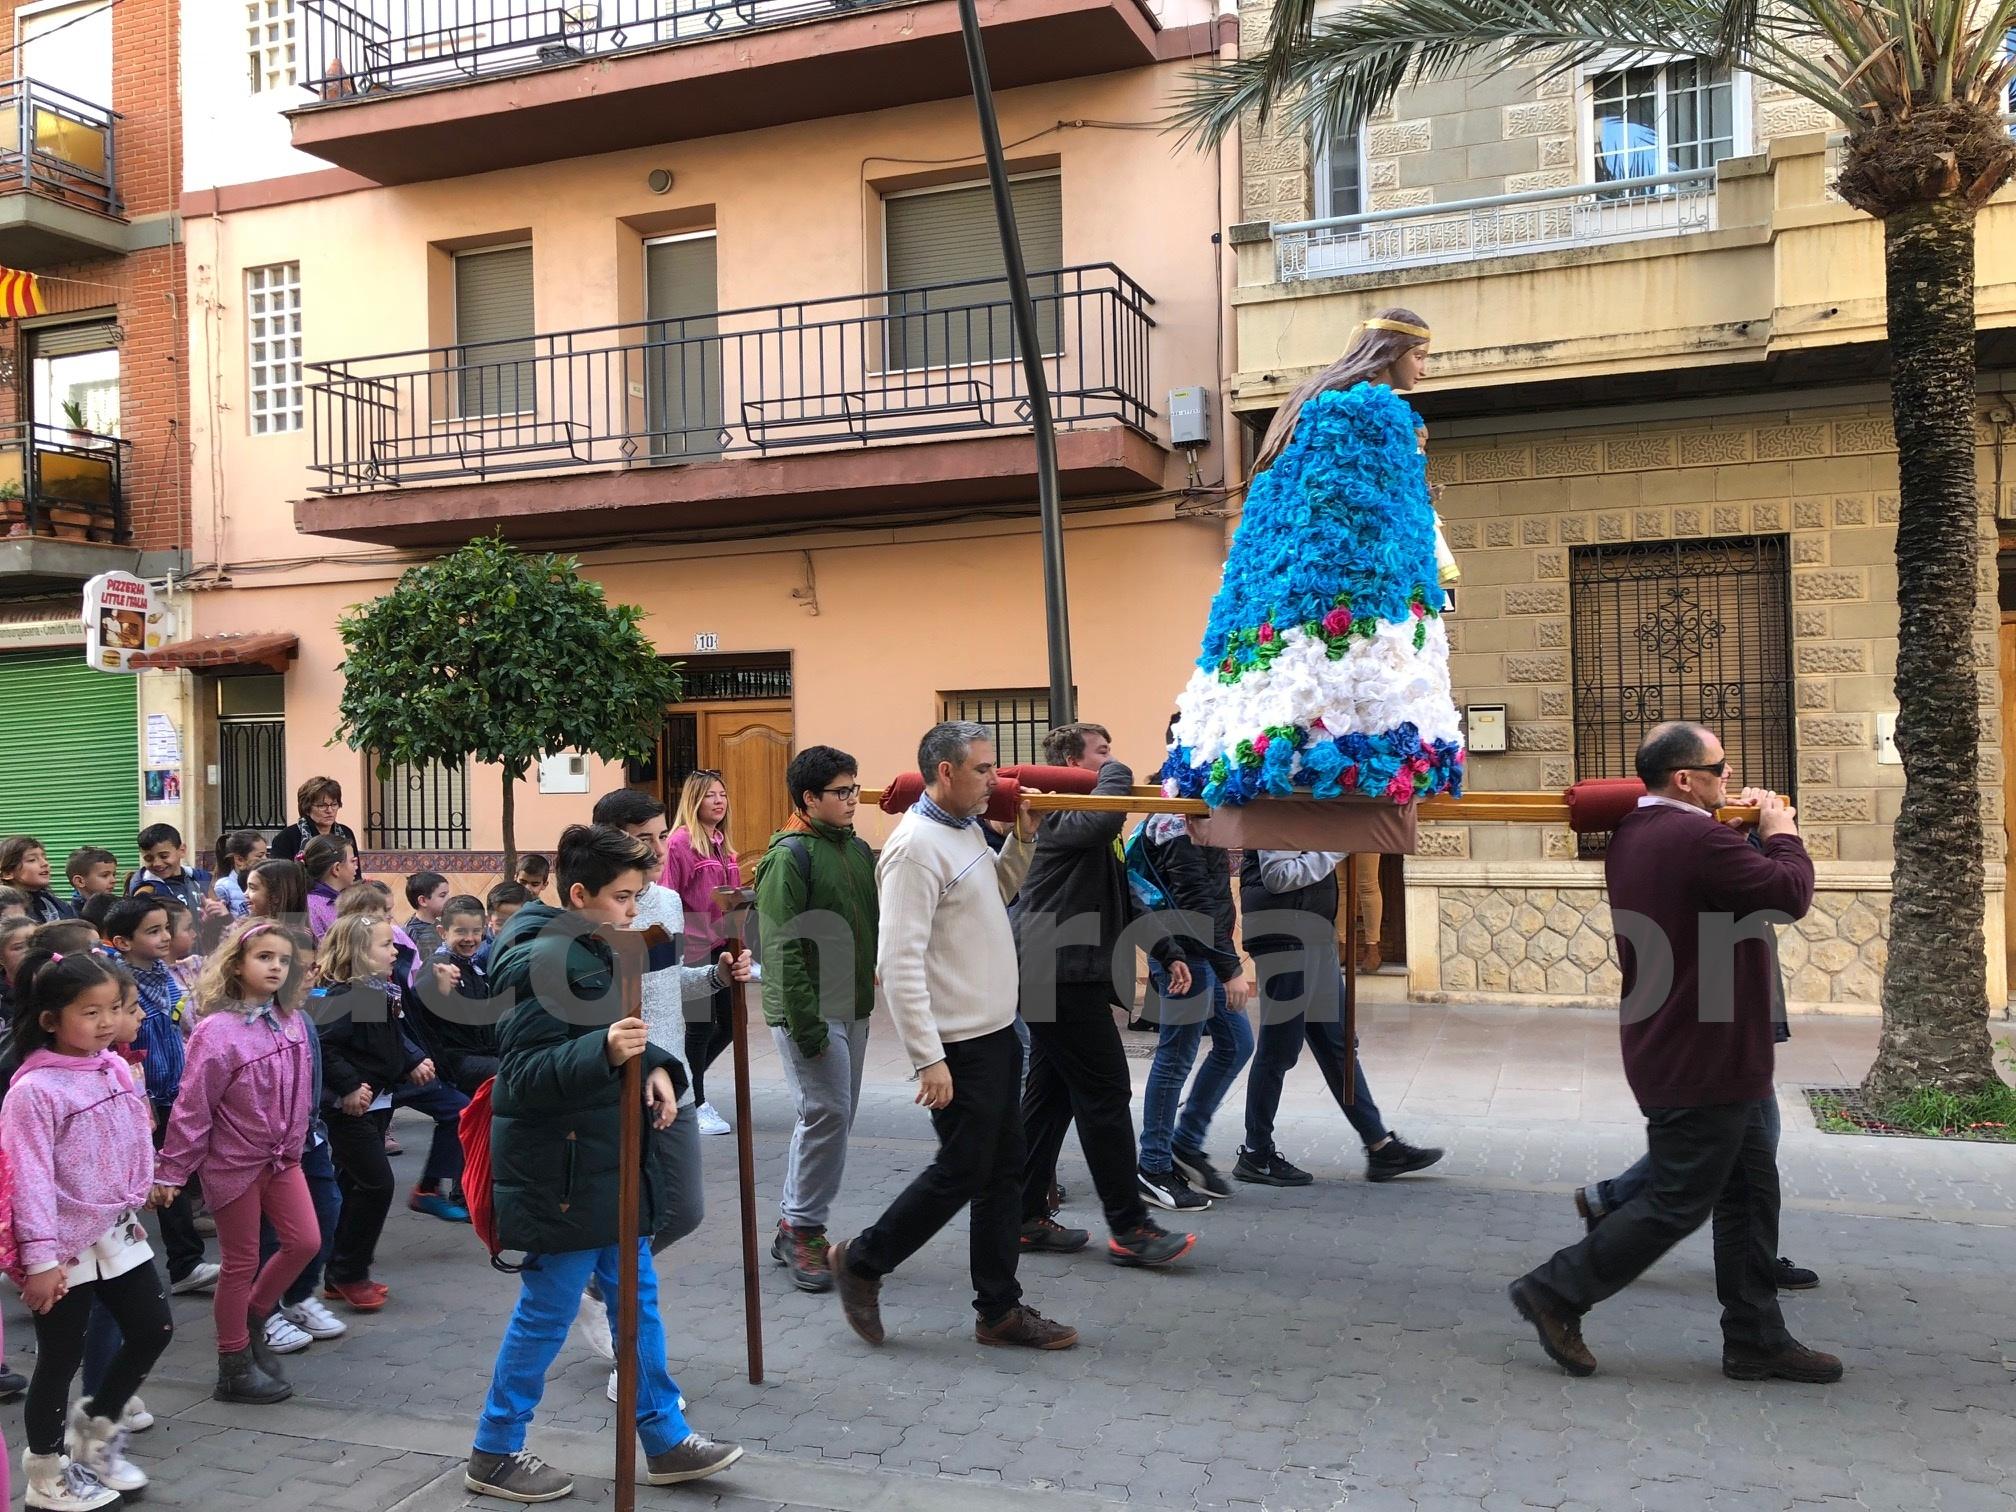 La Romería recorrió las calles de las Ventas en la mañana del pasado viernes.